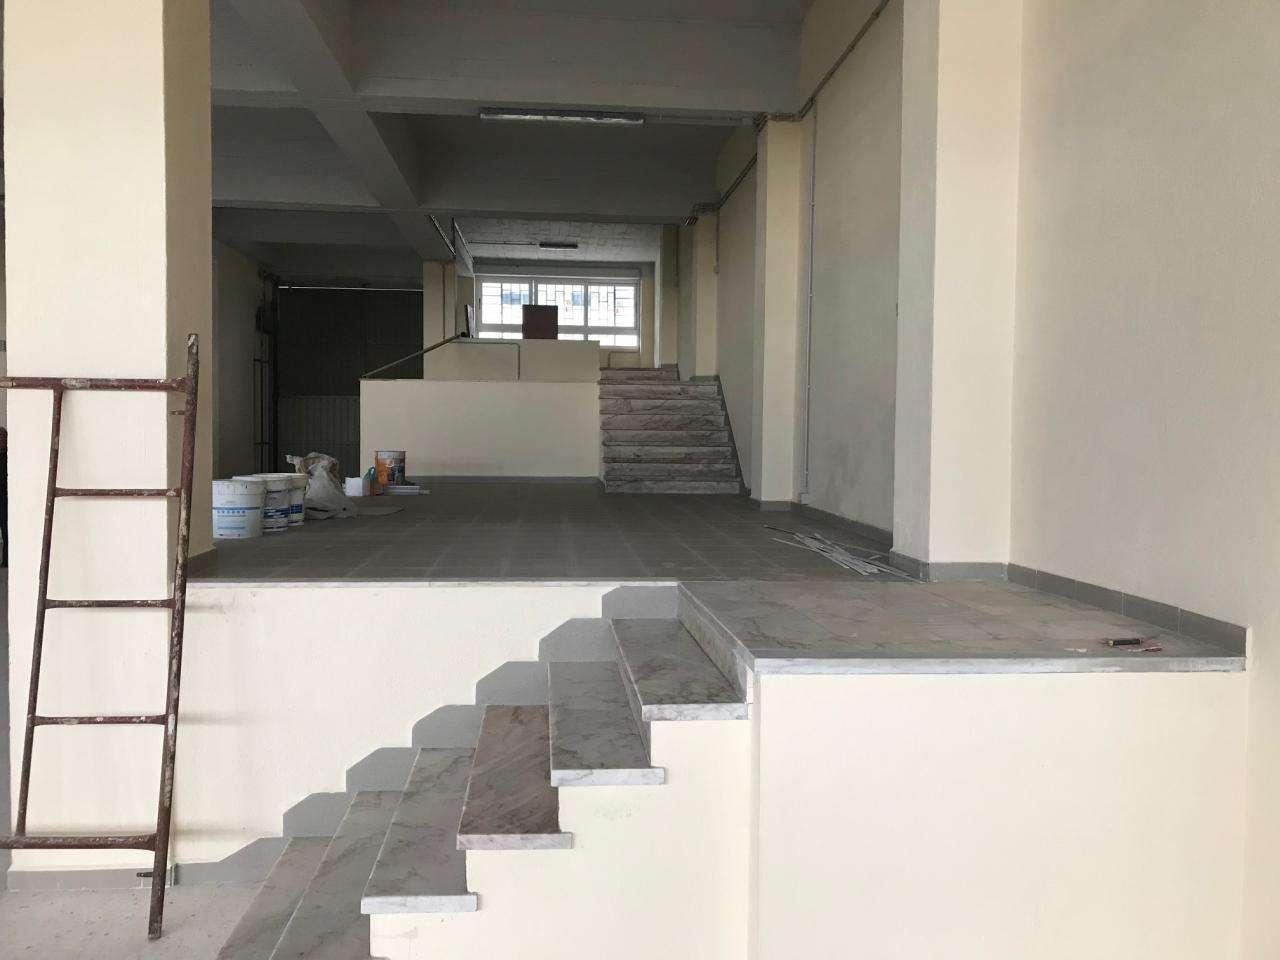 Armazém para arrendar, Rua Alto de São Lourenço - Bairro Alto de São Lourenço, Santa Iria de Azoia, São João da Talha e Bobadela - Foto 8